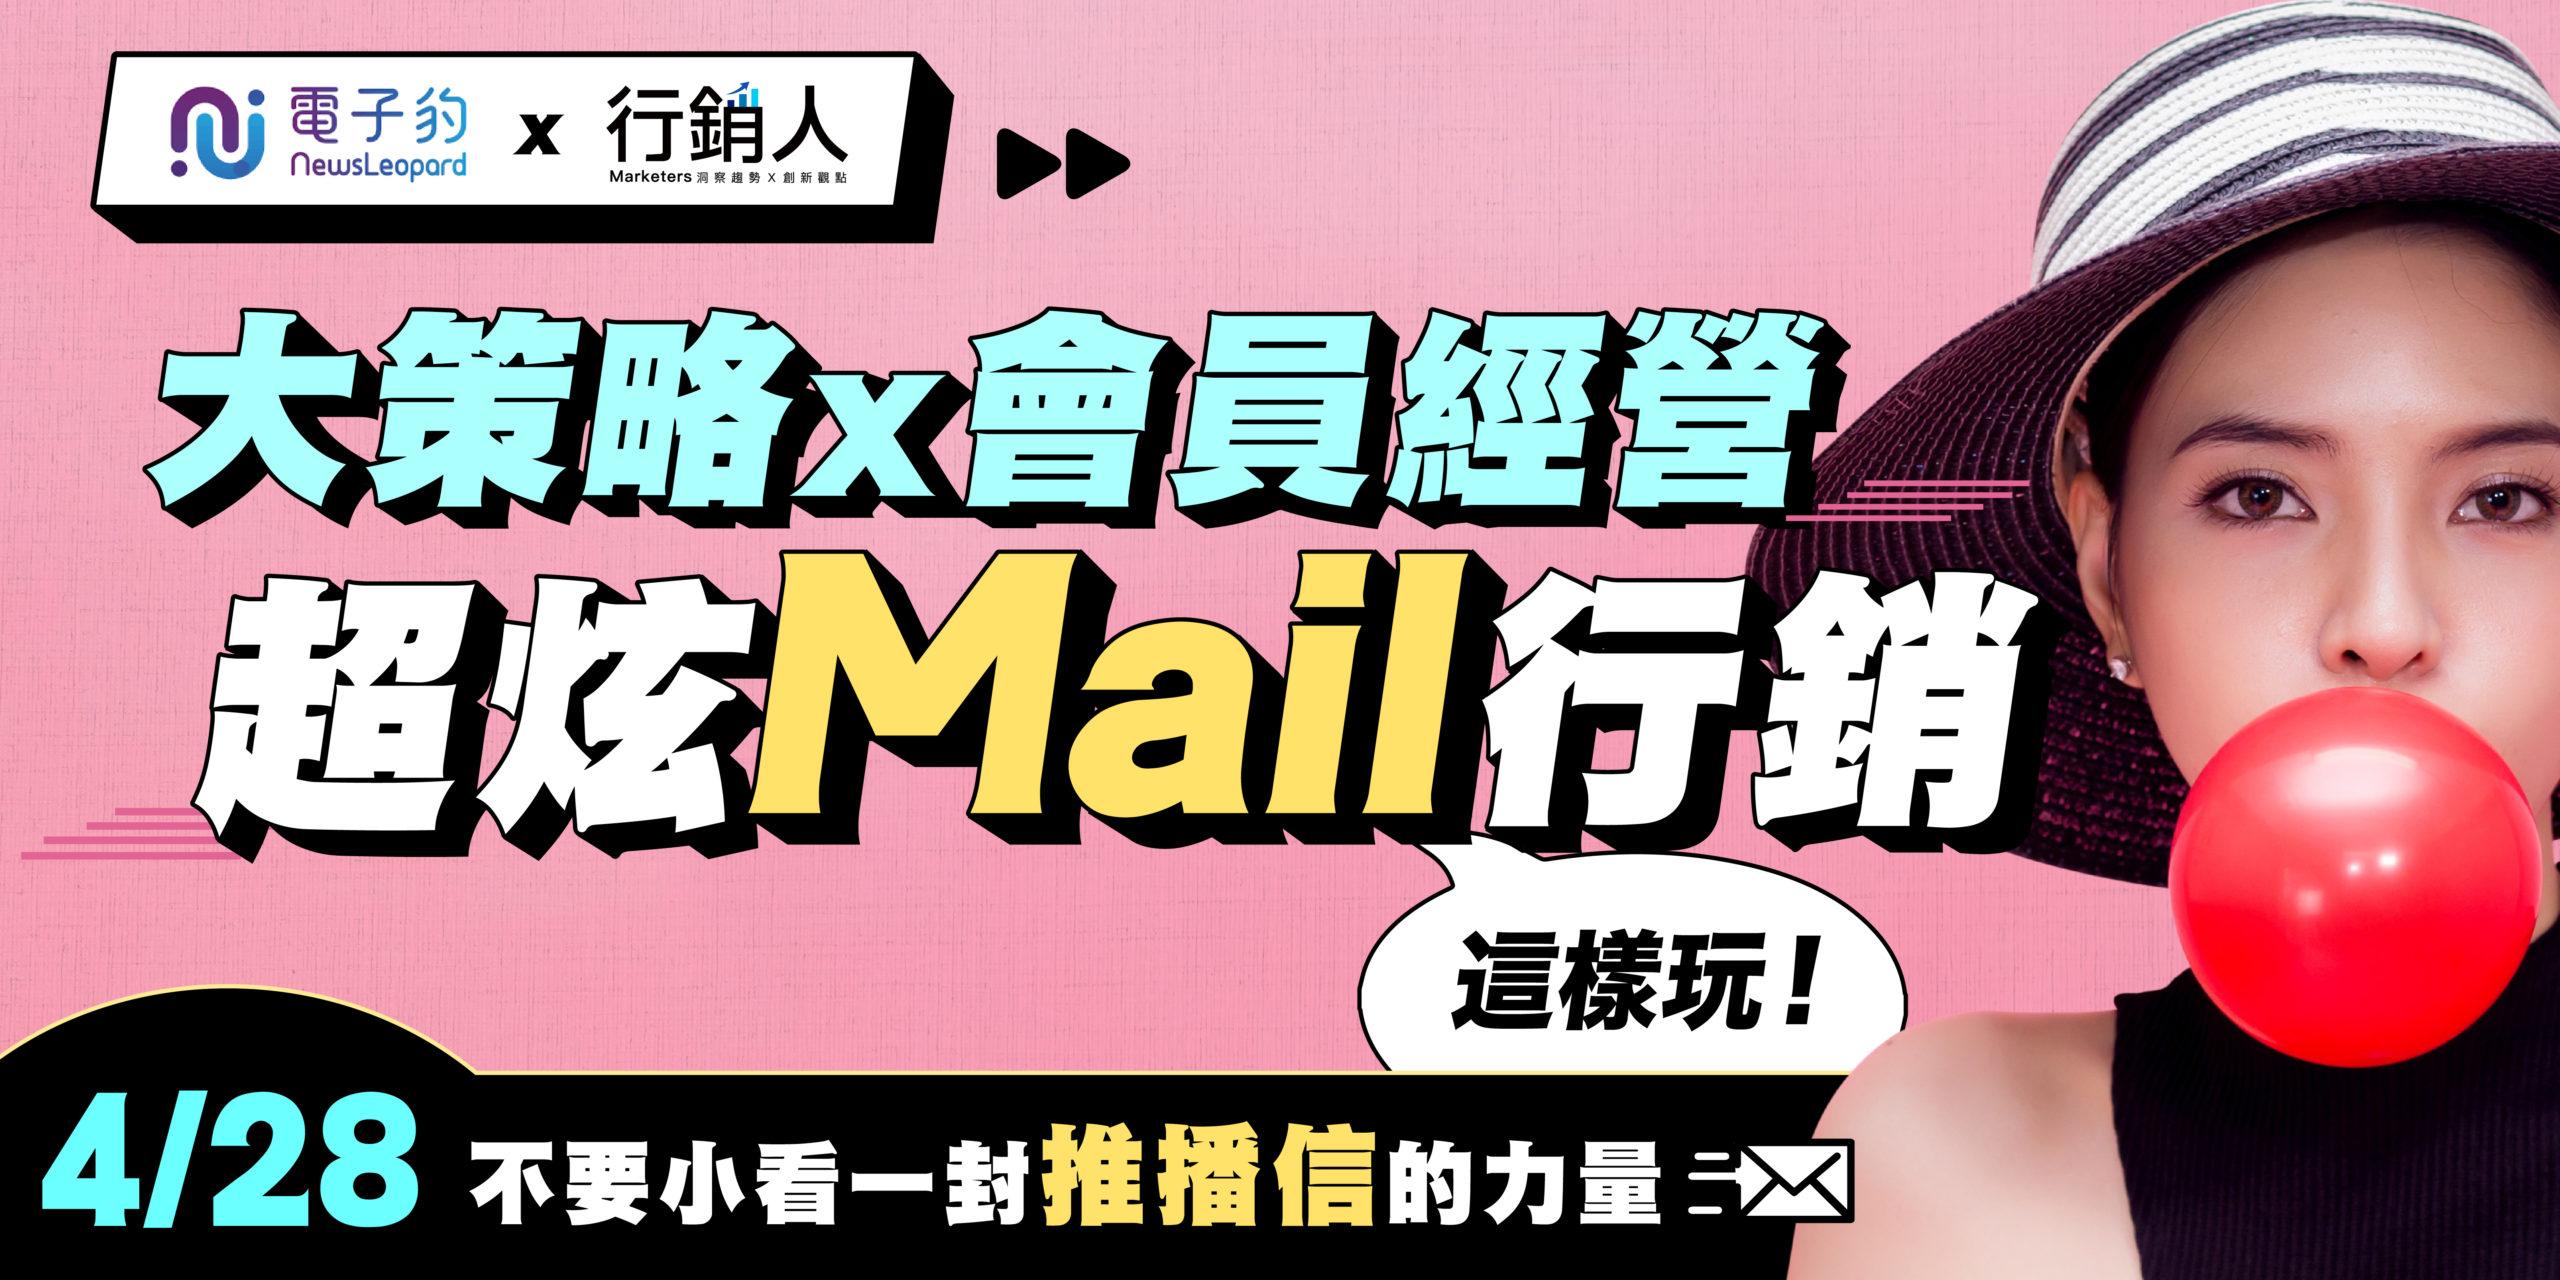 【會員mail行銷】一鍵@決定你的品牌印象!